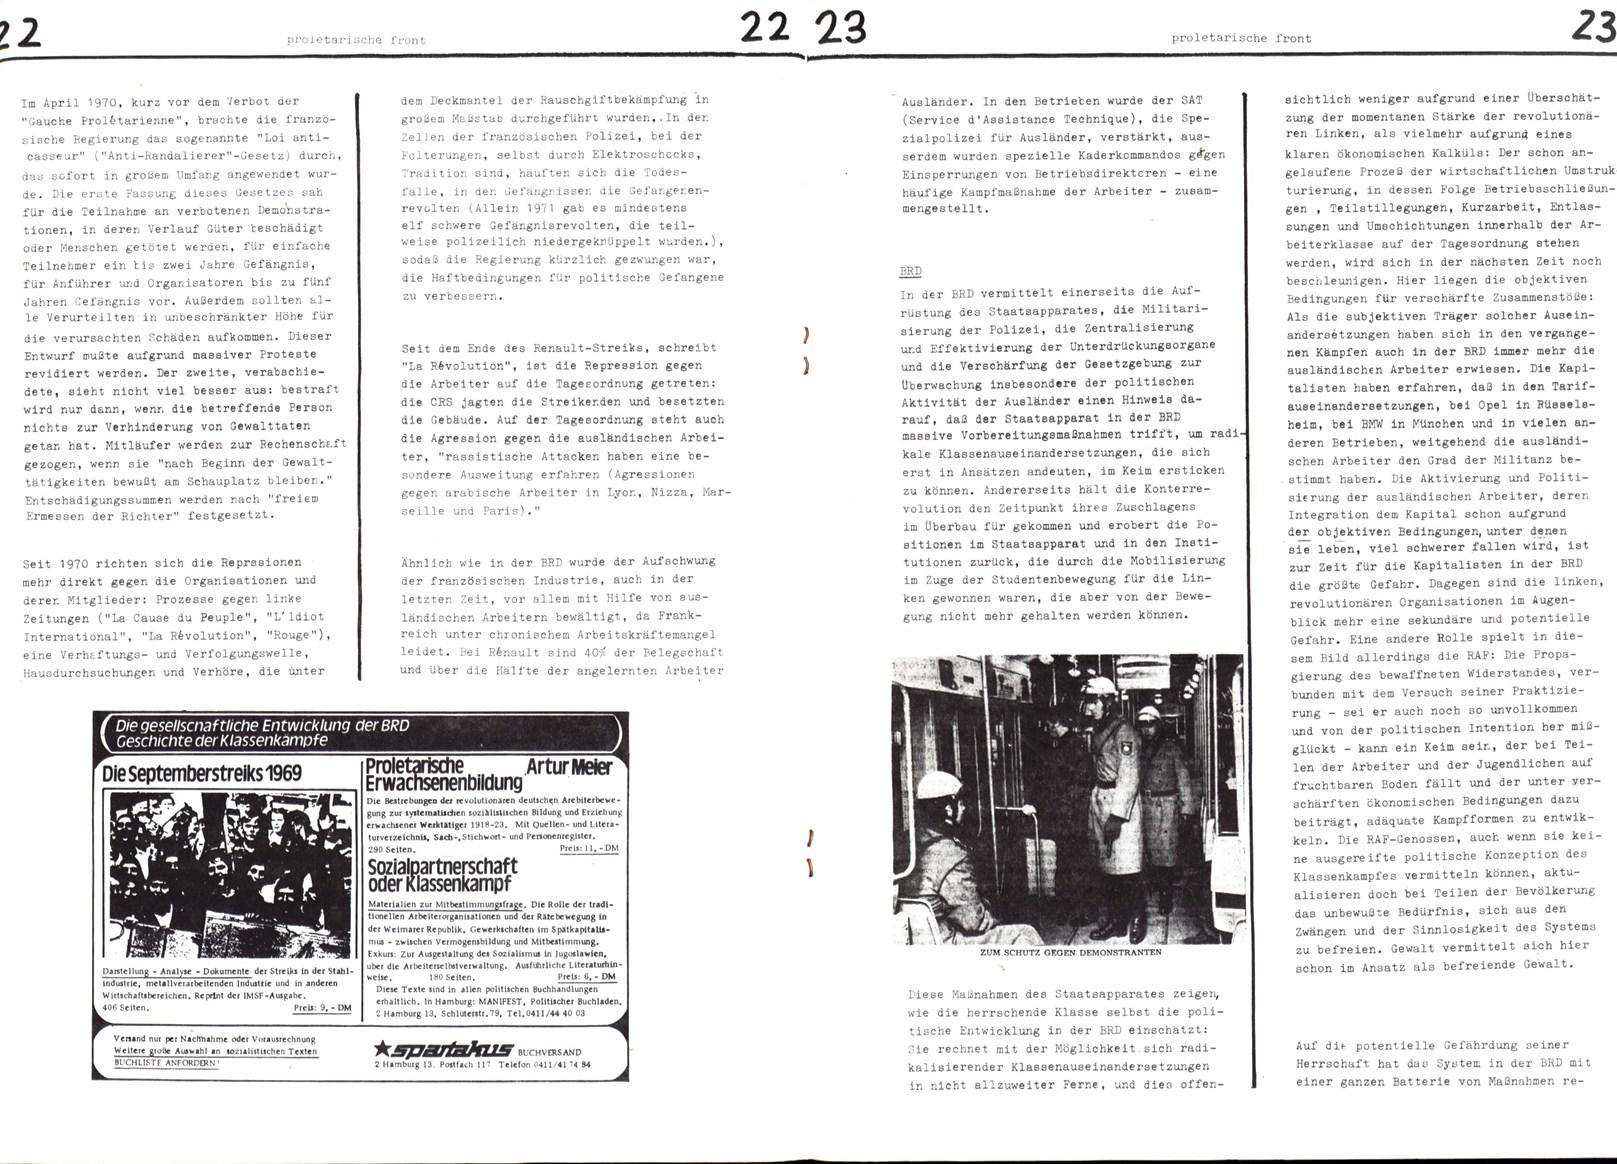 Proletarische_Front_1972_04_12